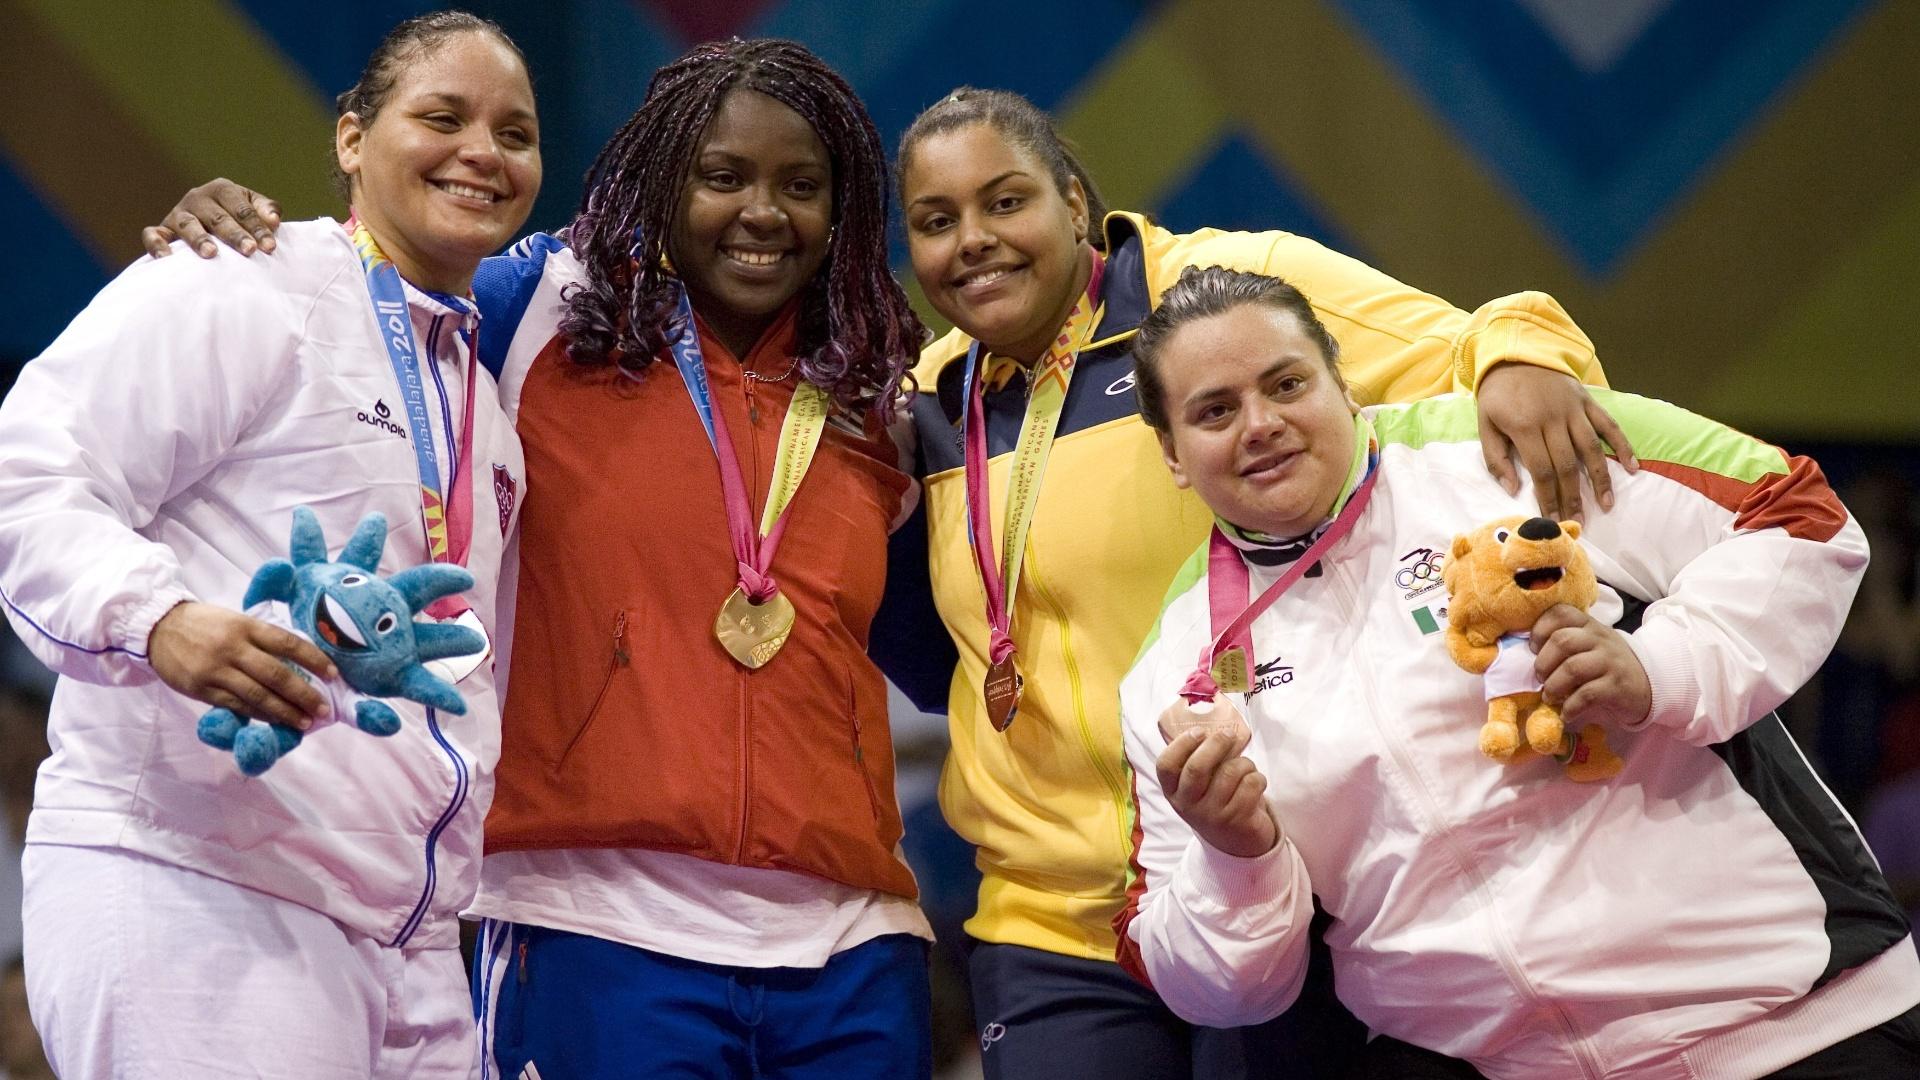 Maria Suelen Altheman sobe ao pódio para receber medalha de bronze na categoria pesado do judô (26/10/2011)